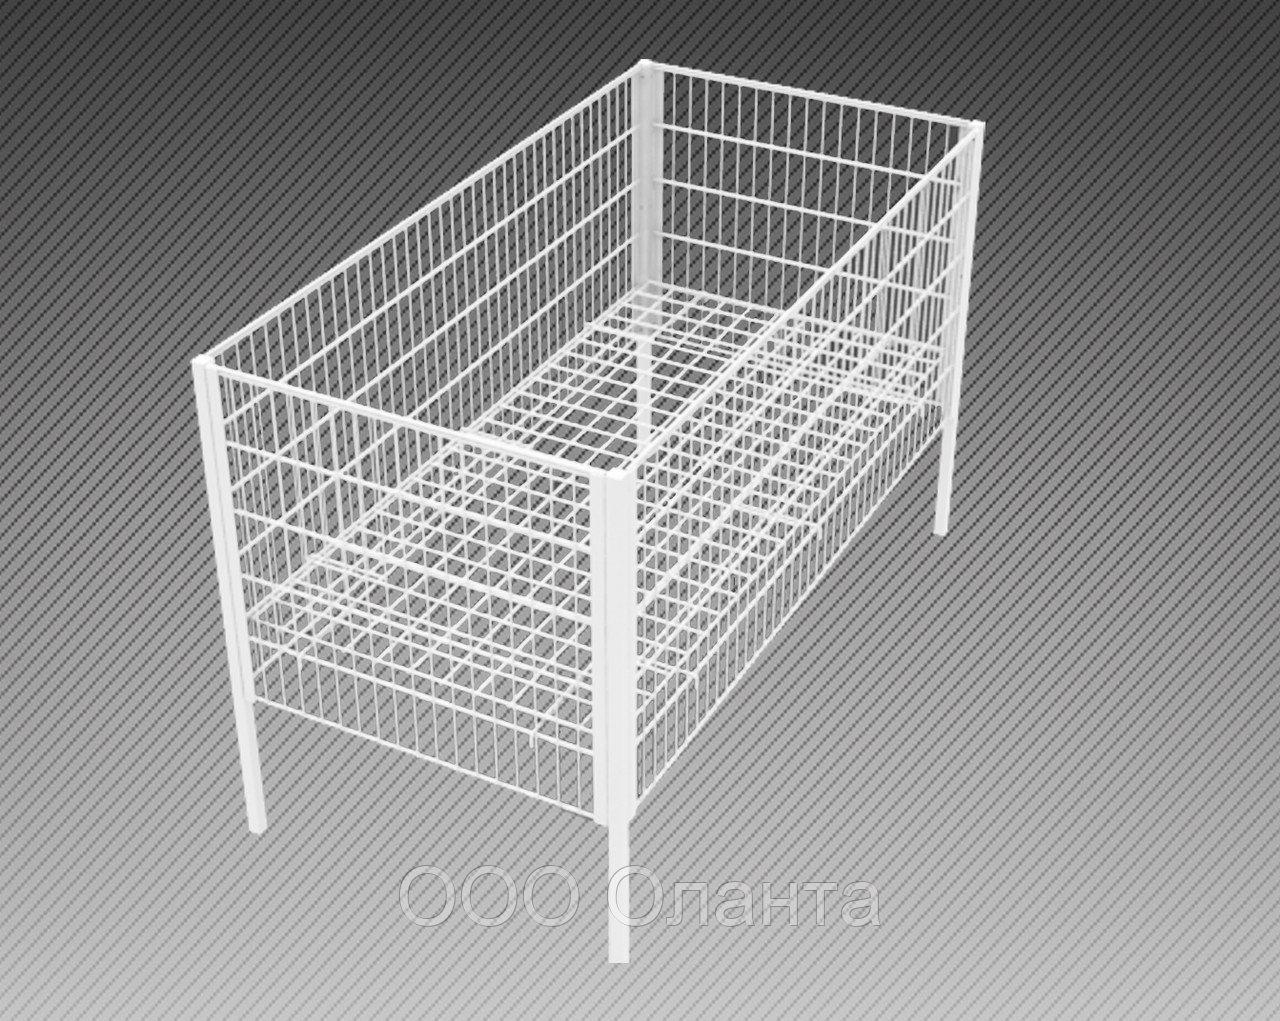 Стол для распродаж-накопитель c регулируемым дном усиленный (750х500х750 мм) крашенный арт. RS75/50